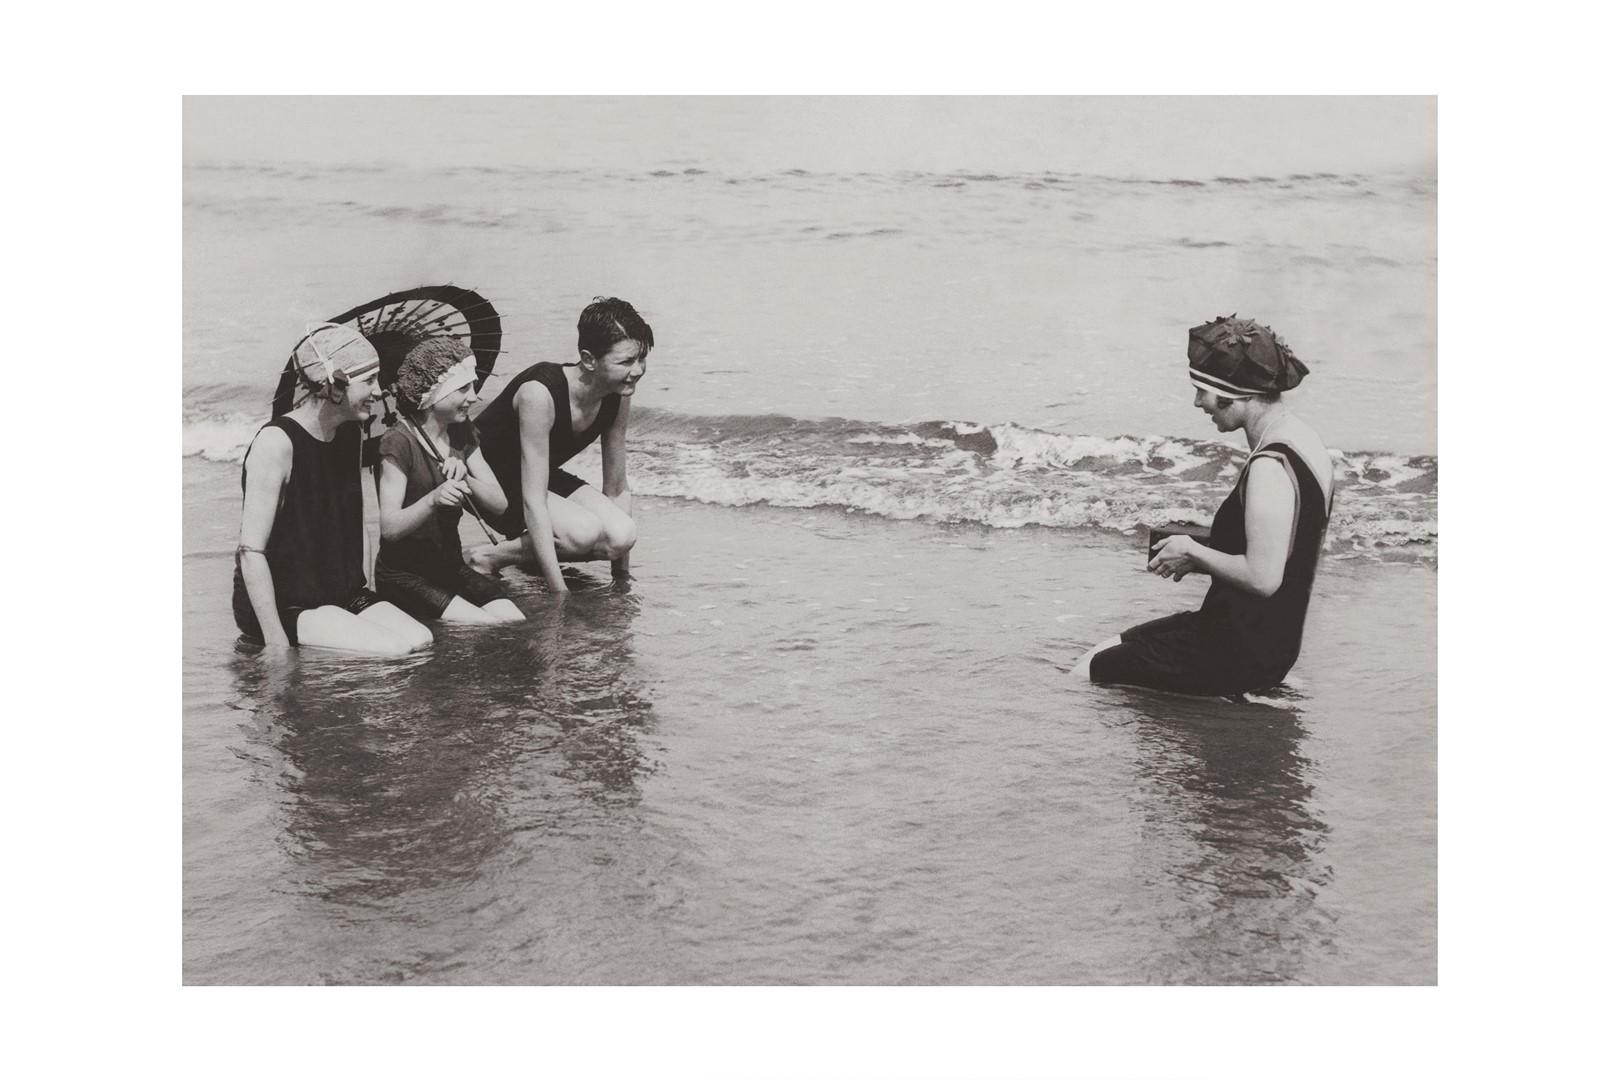 Photo ancienne noir et blanc mer n°54 cadre noir 60x90cm